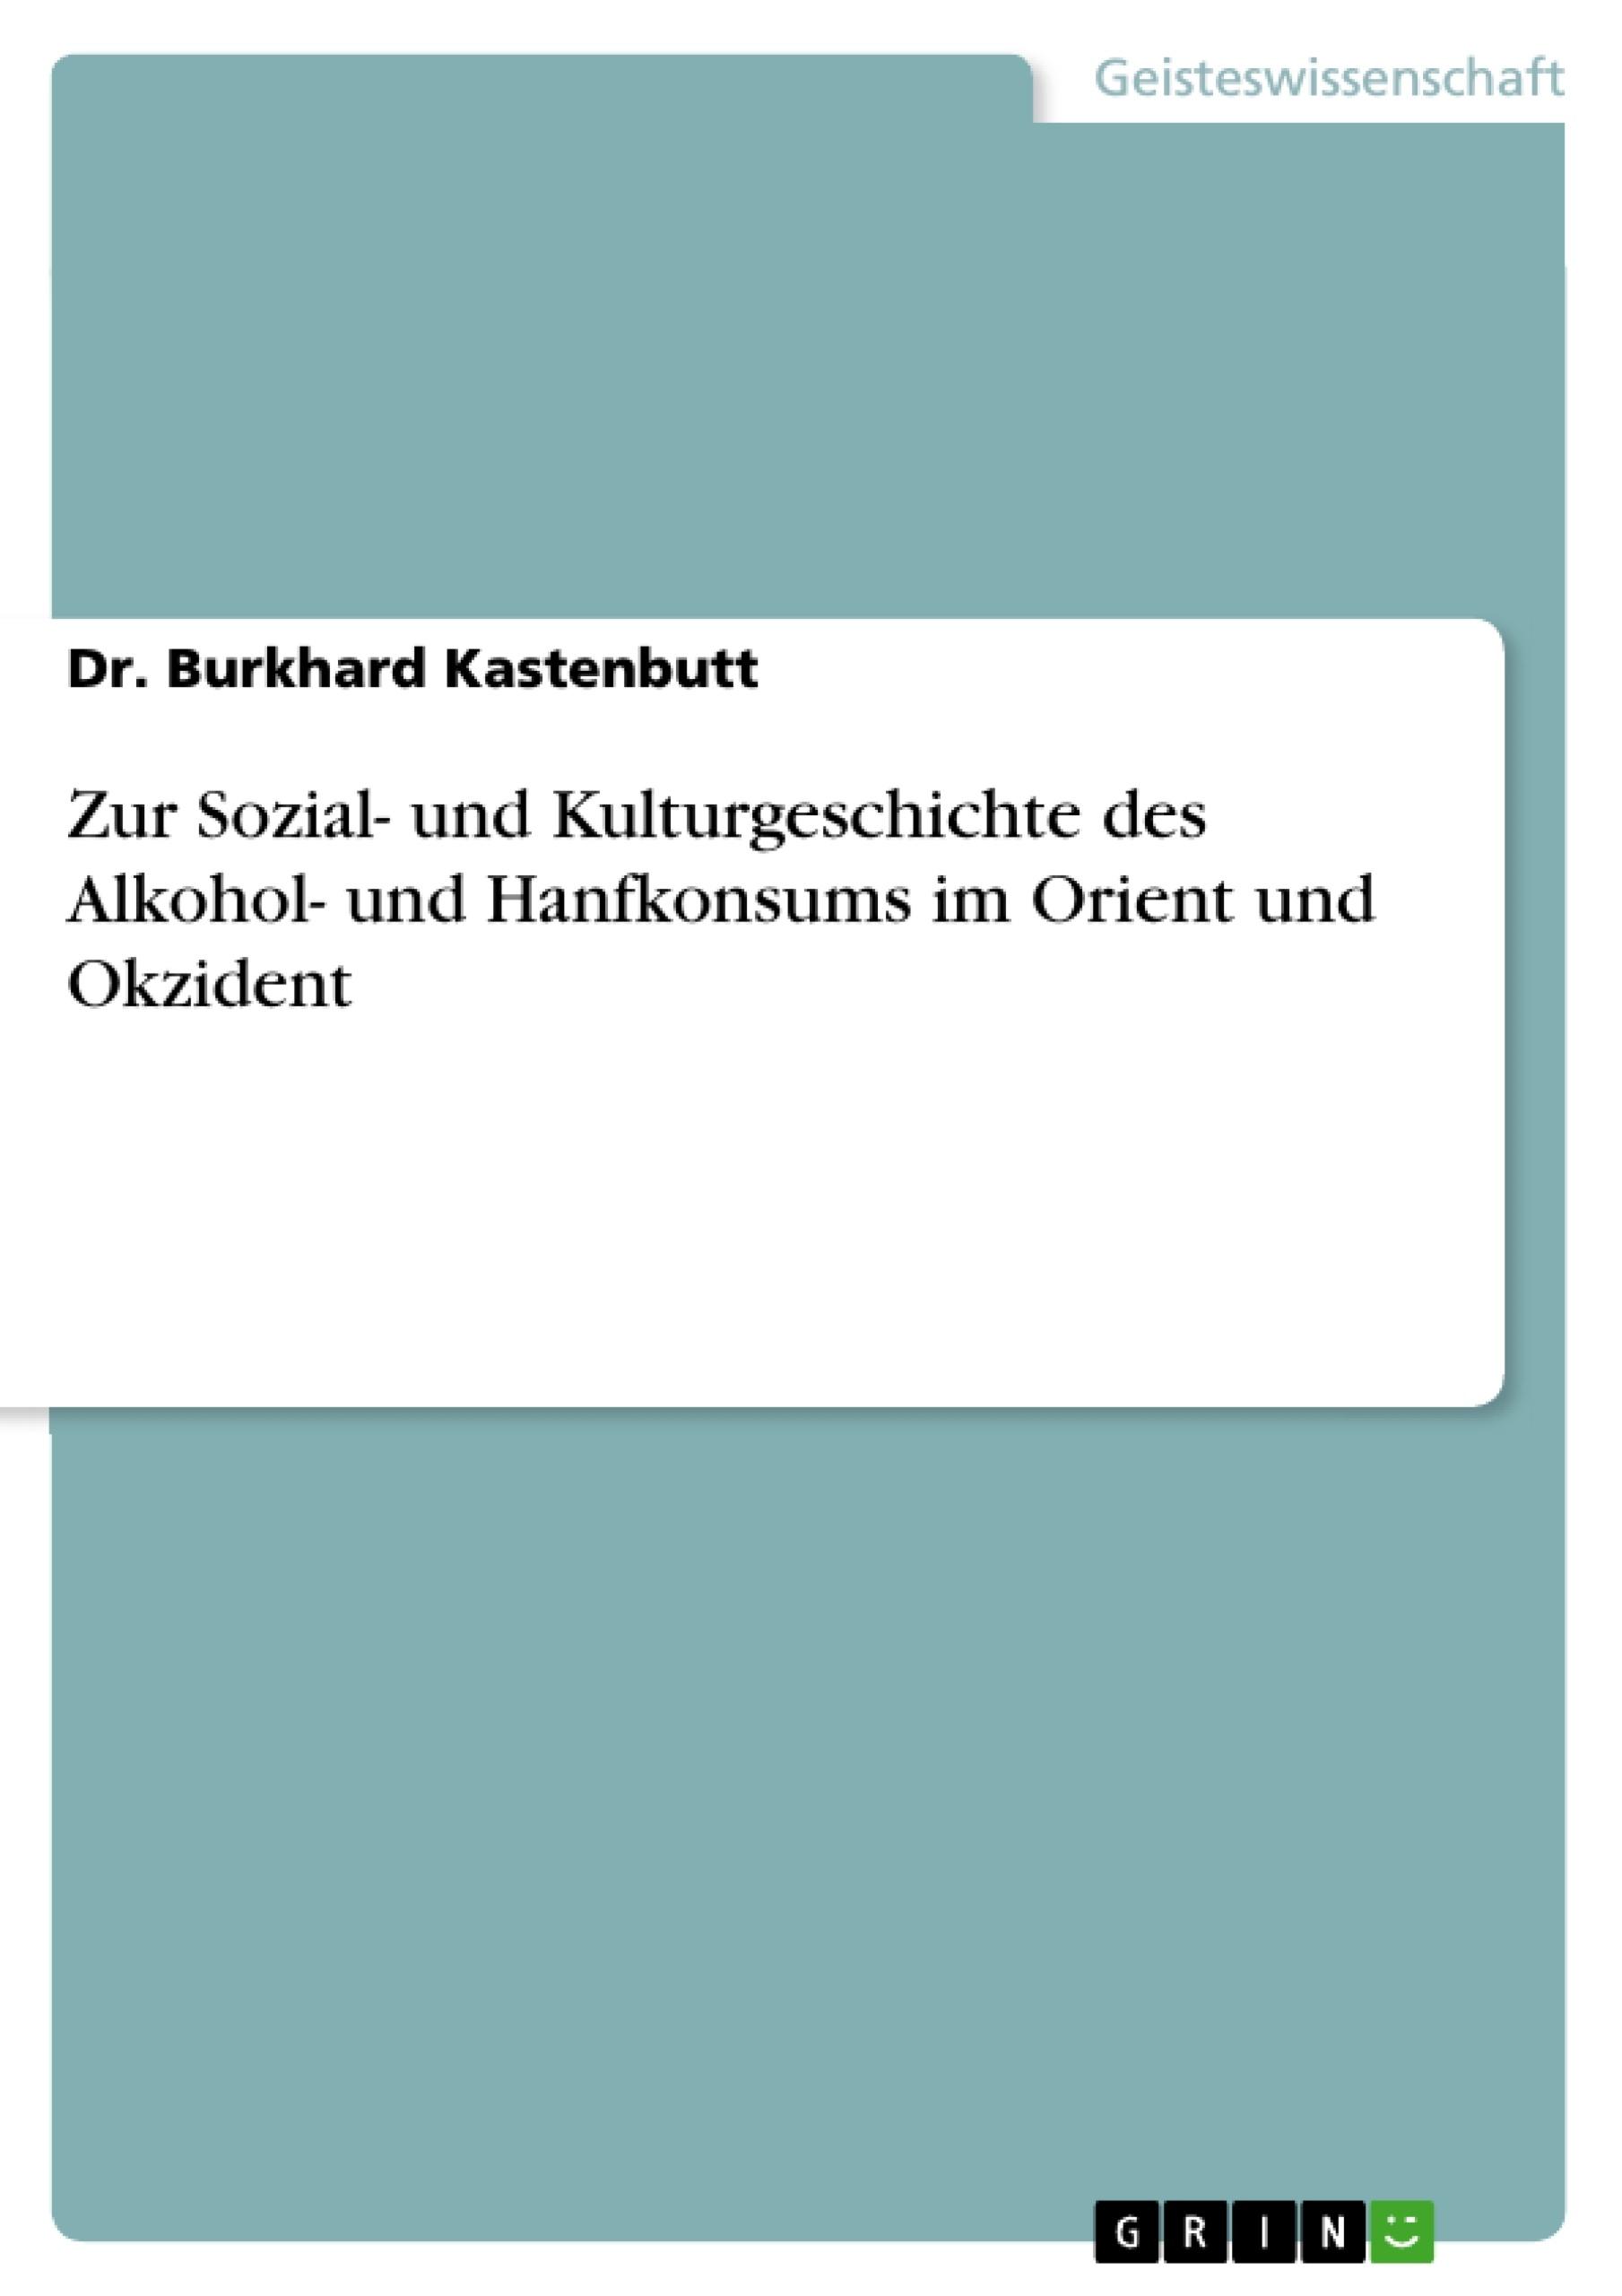 Titel: Zur Sozial- und Kulturgeschichte des Alkohol- und Hanfkonsums im Orient und Okzident